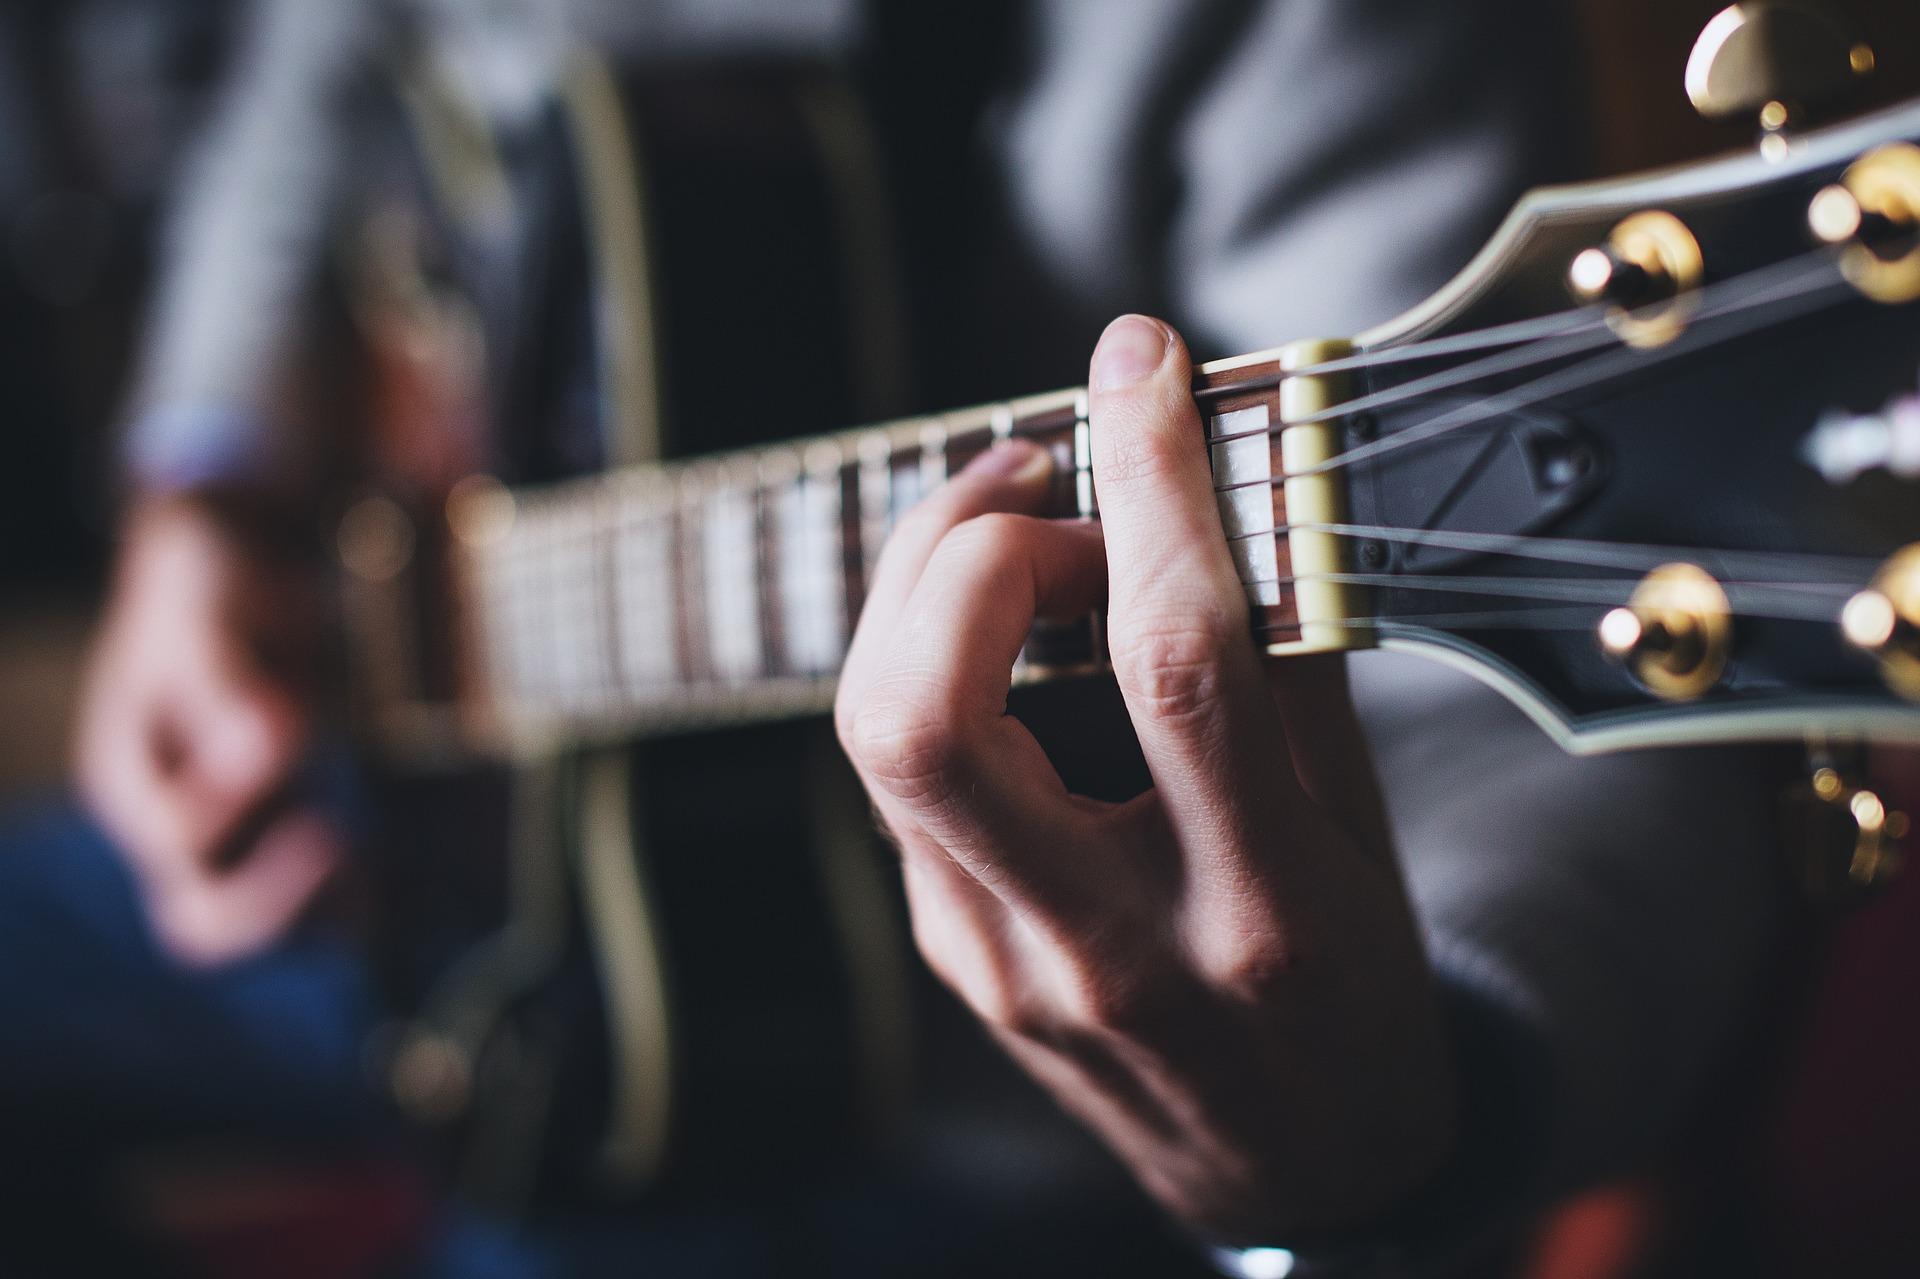 エレキギターでFコードを弾く人